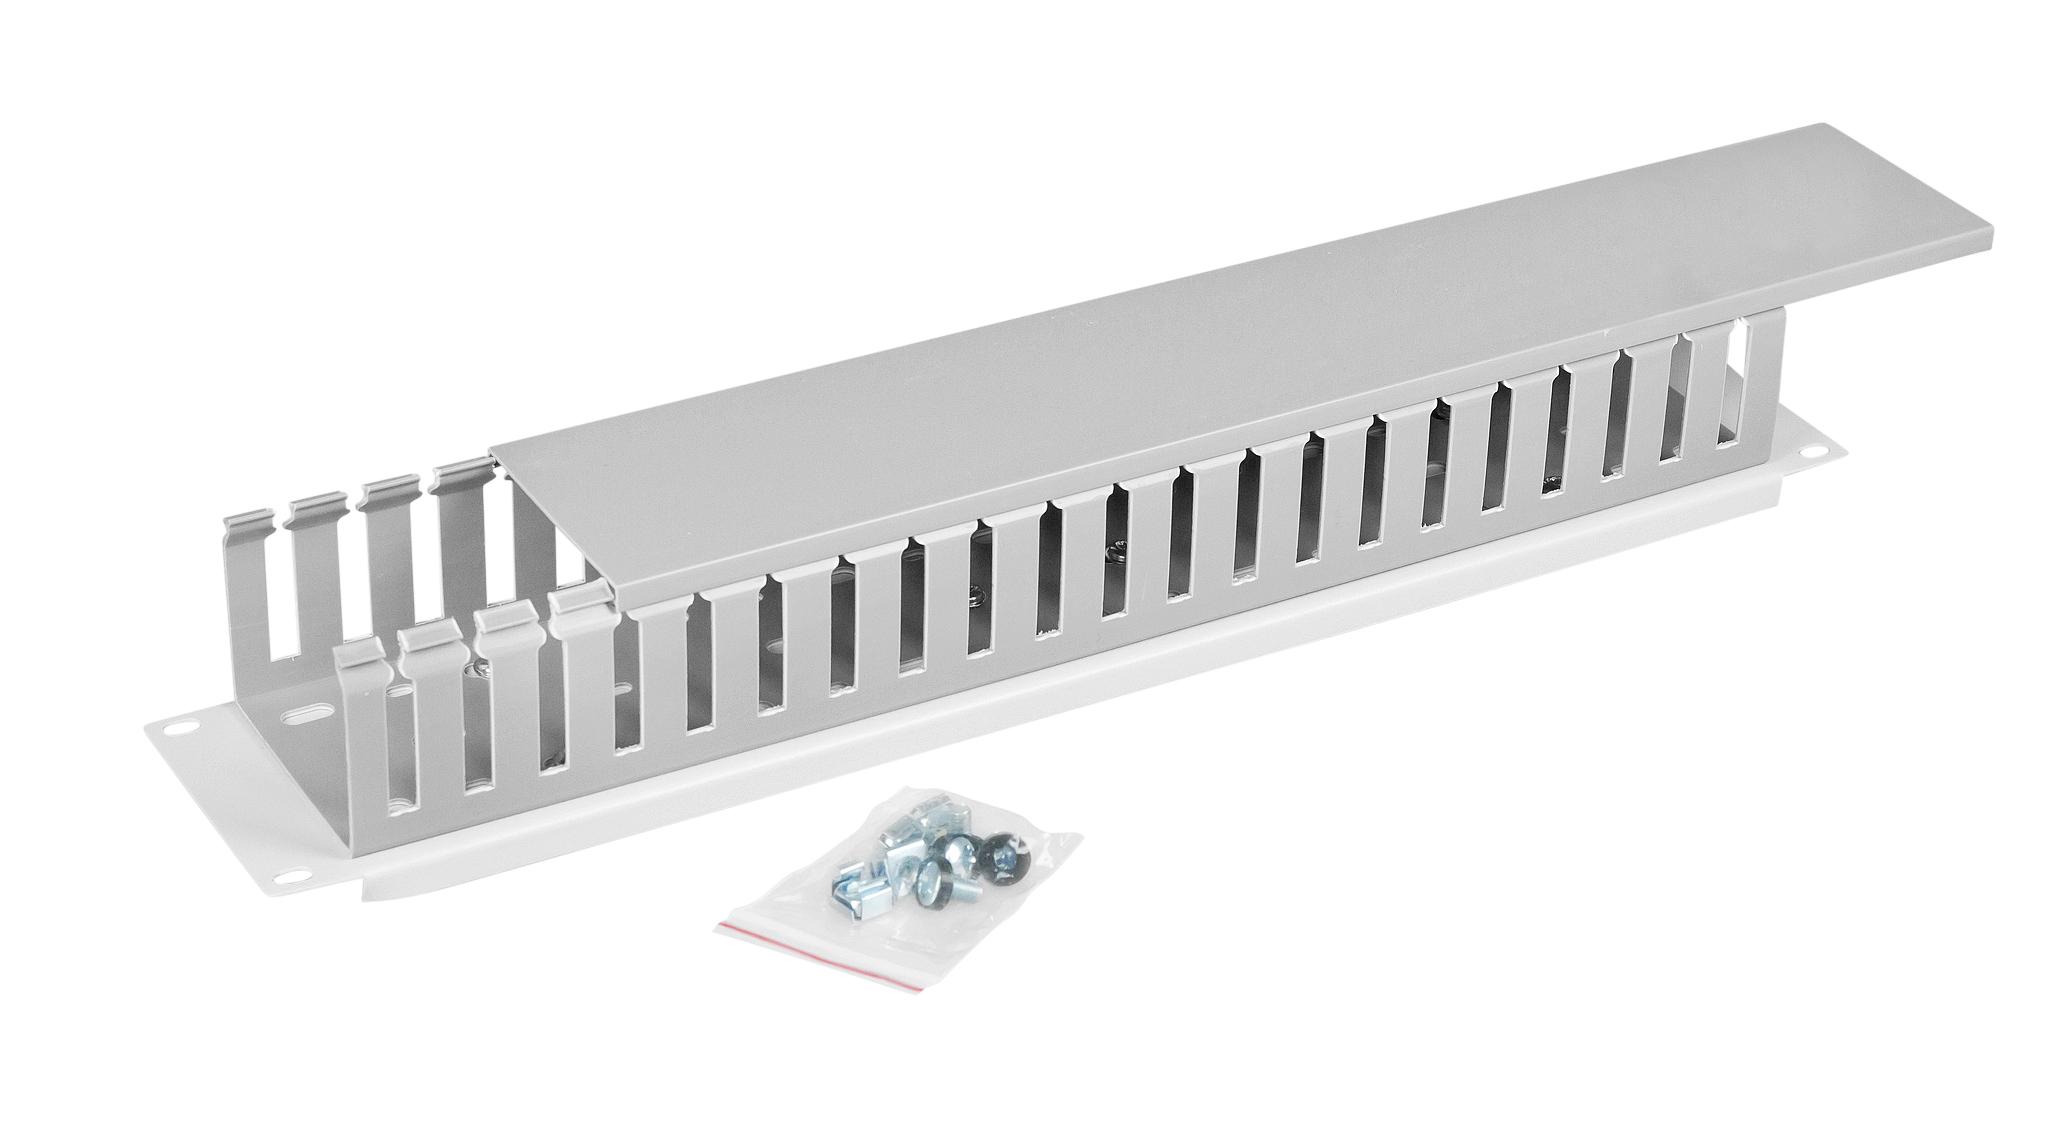 1 Stk 19 Kabelführung mit Kabelkanal einseitig, 2HE, RAL7035 HDBS148053